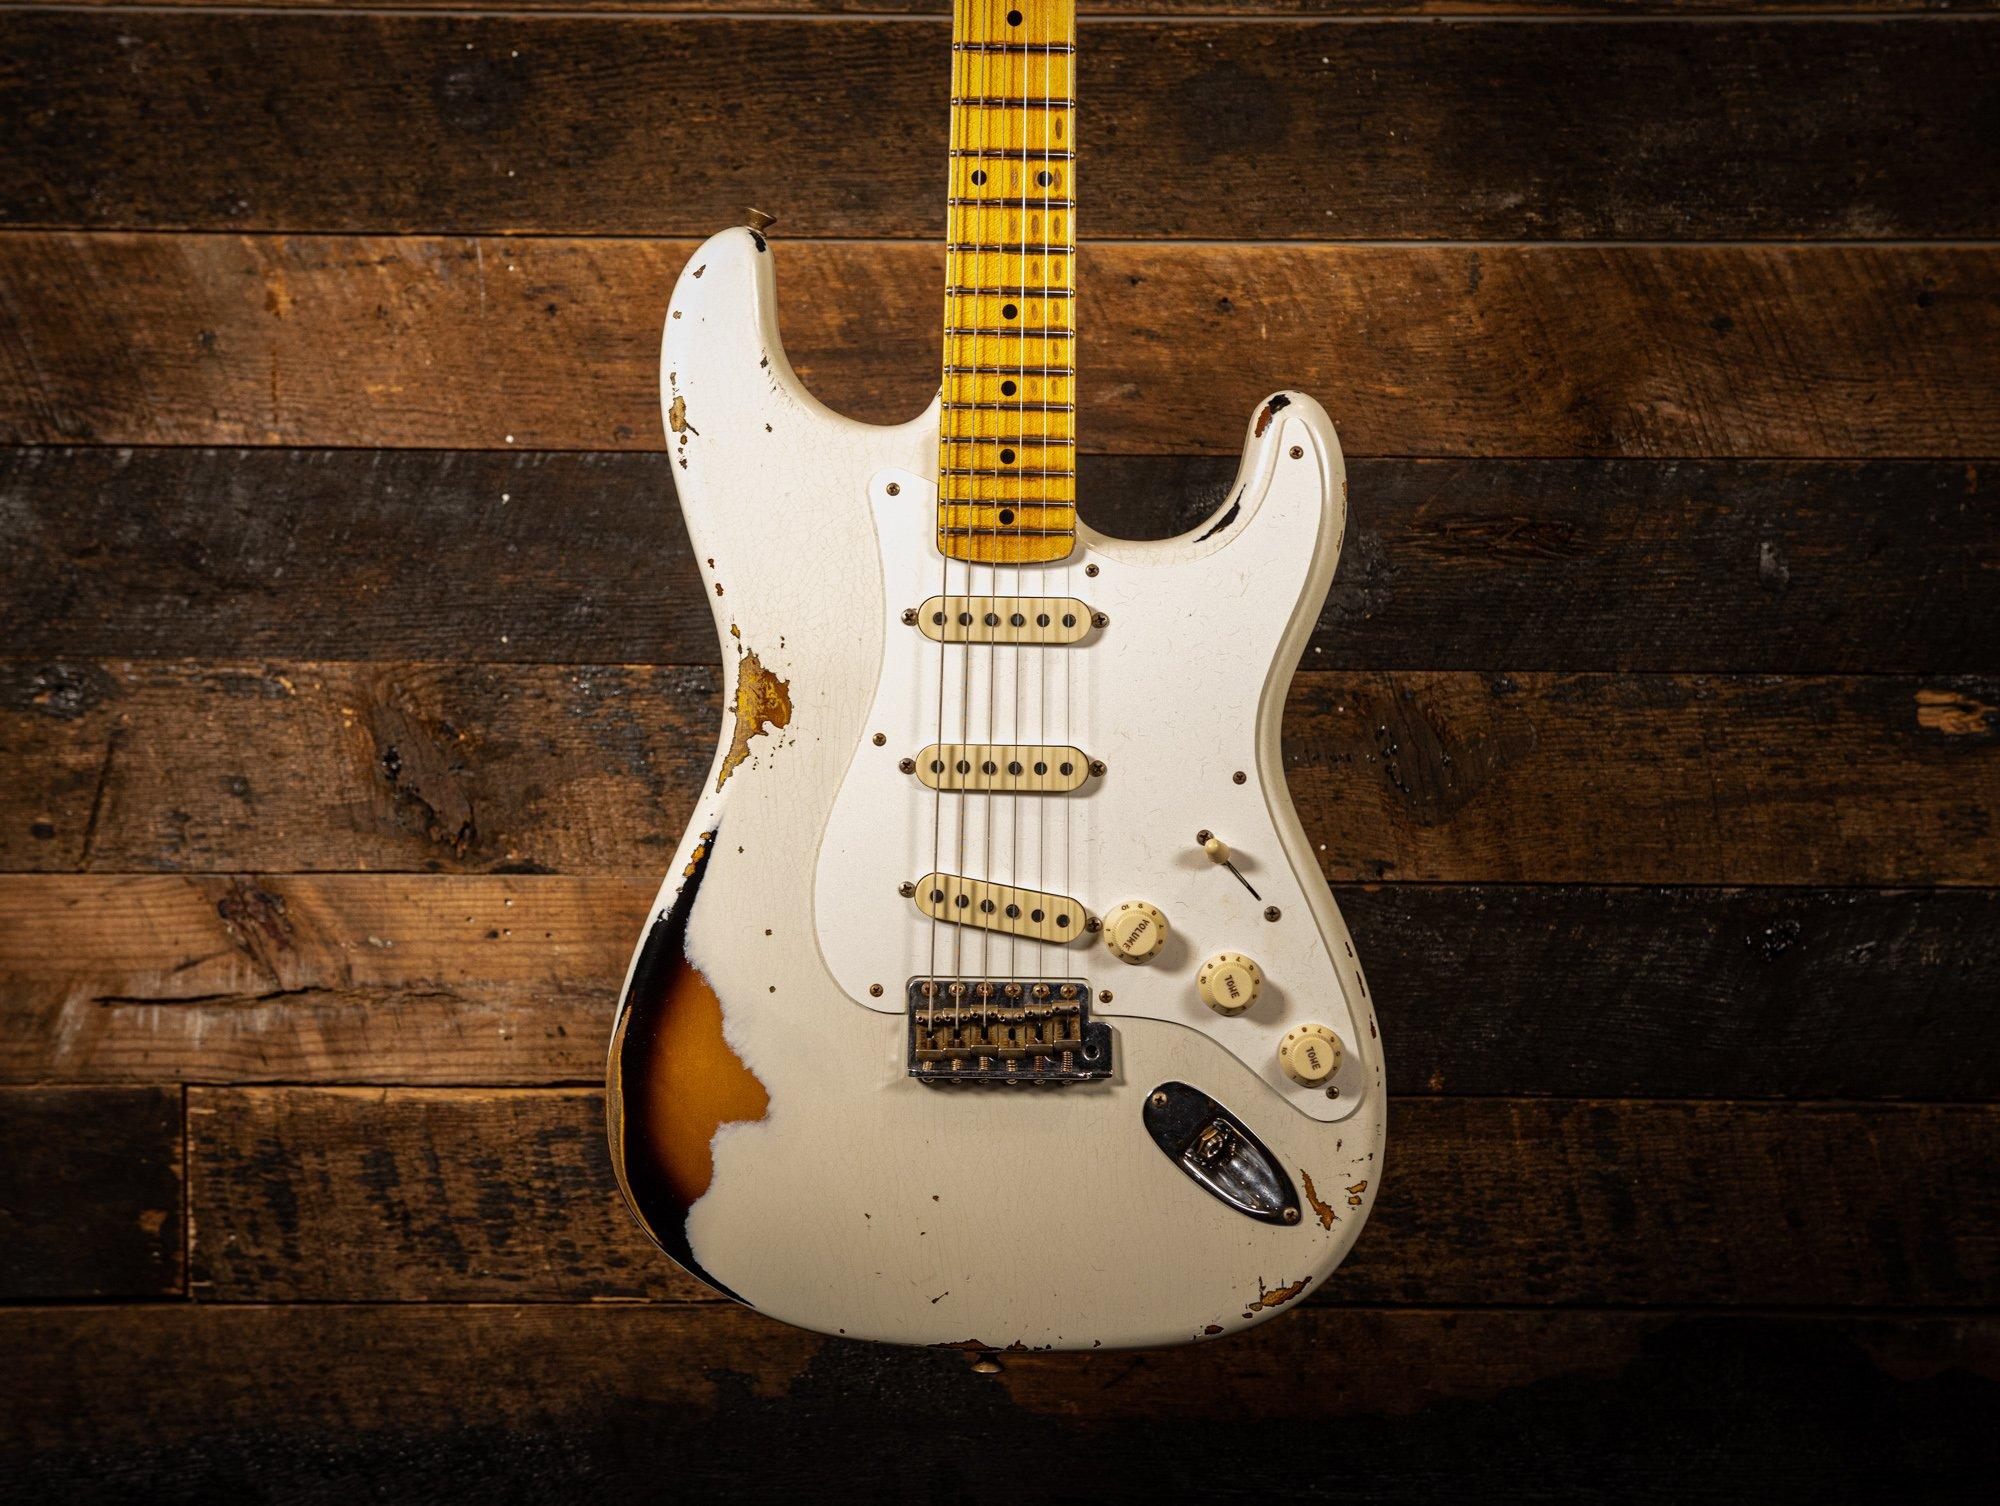 Fender Custom Shop 56 Heavy Relic Aged India Ivory over 2 Tone Sunburst